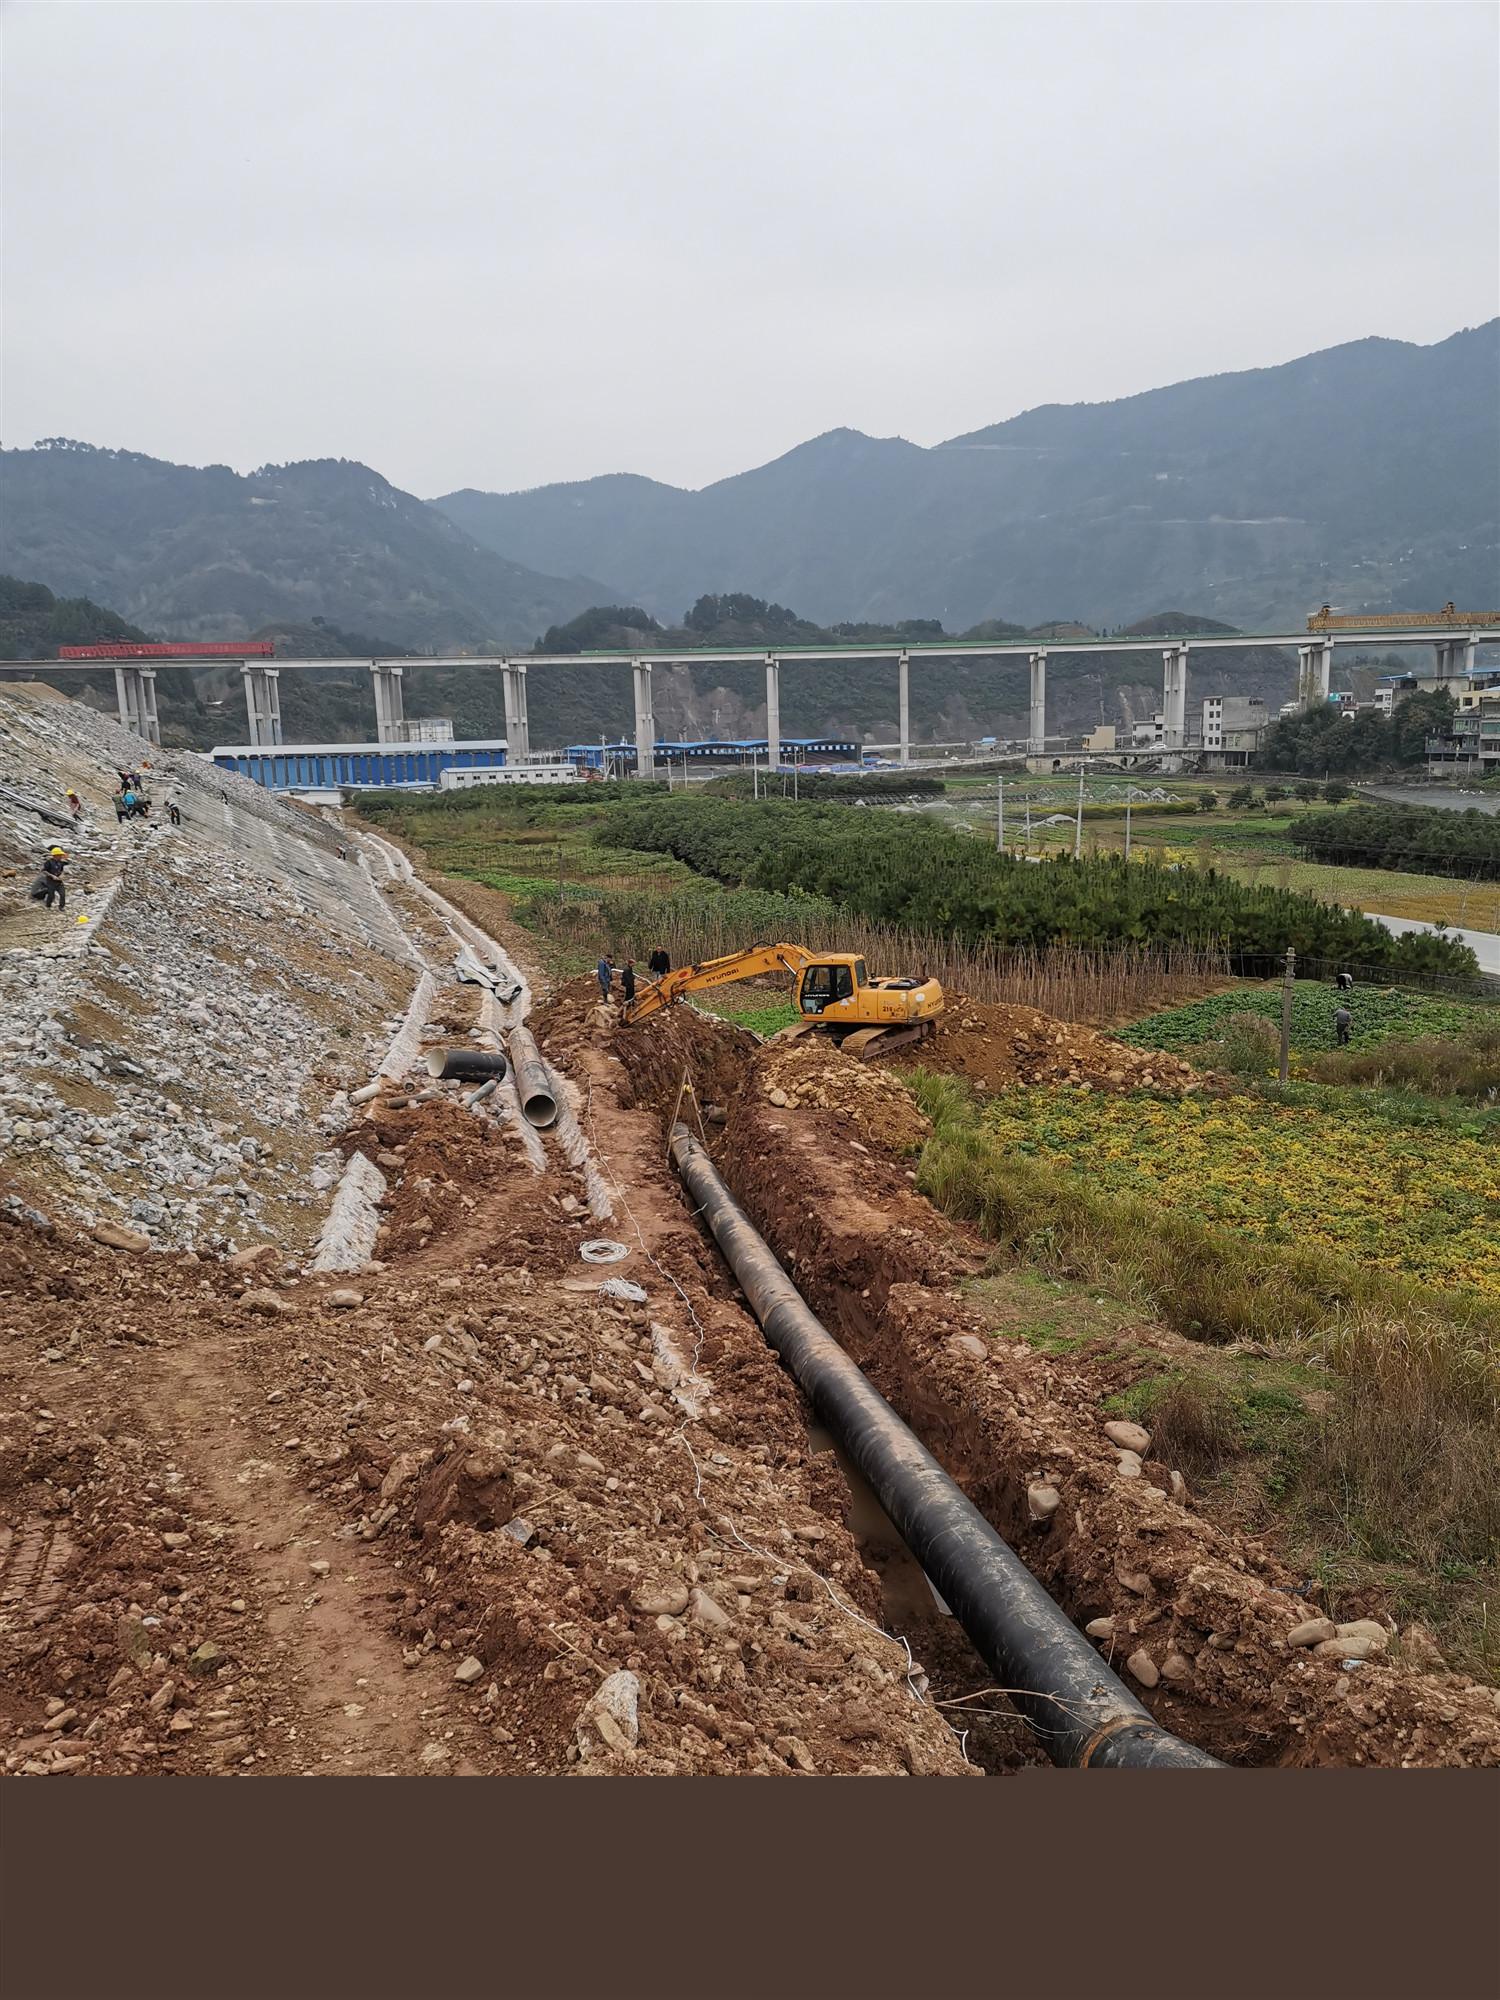 栗子园水利工程灌区供水工程